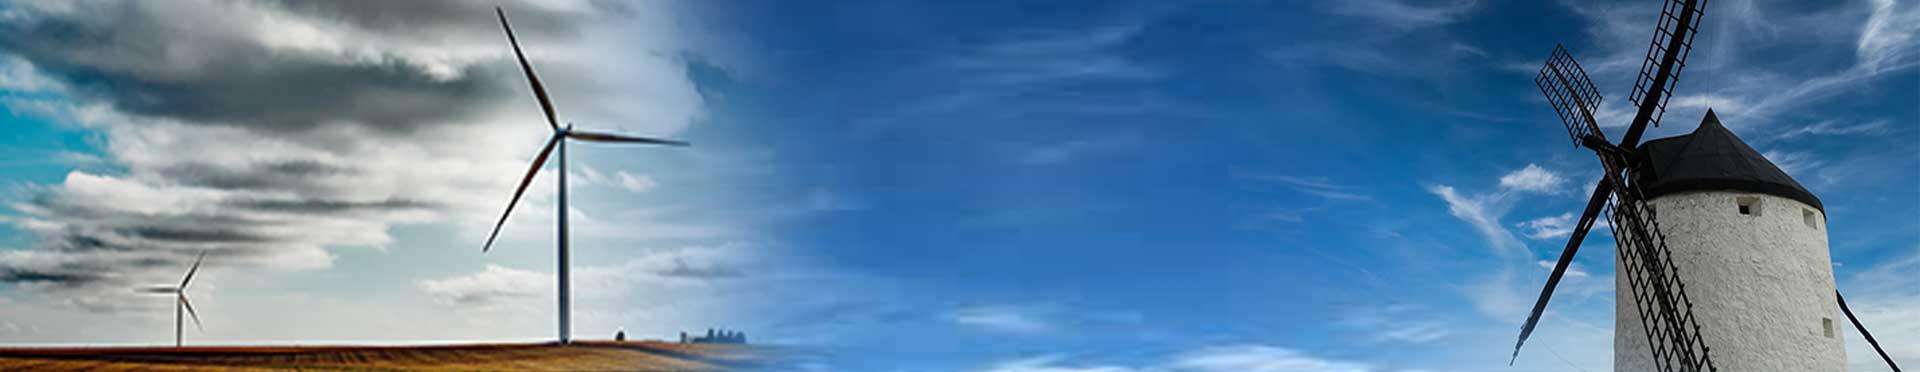 Mejorar el rendimiento energético de molinos de viento